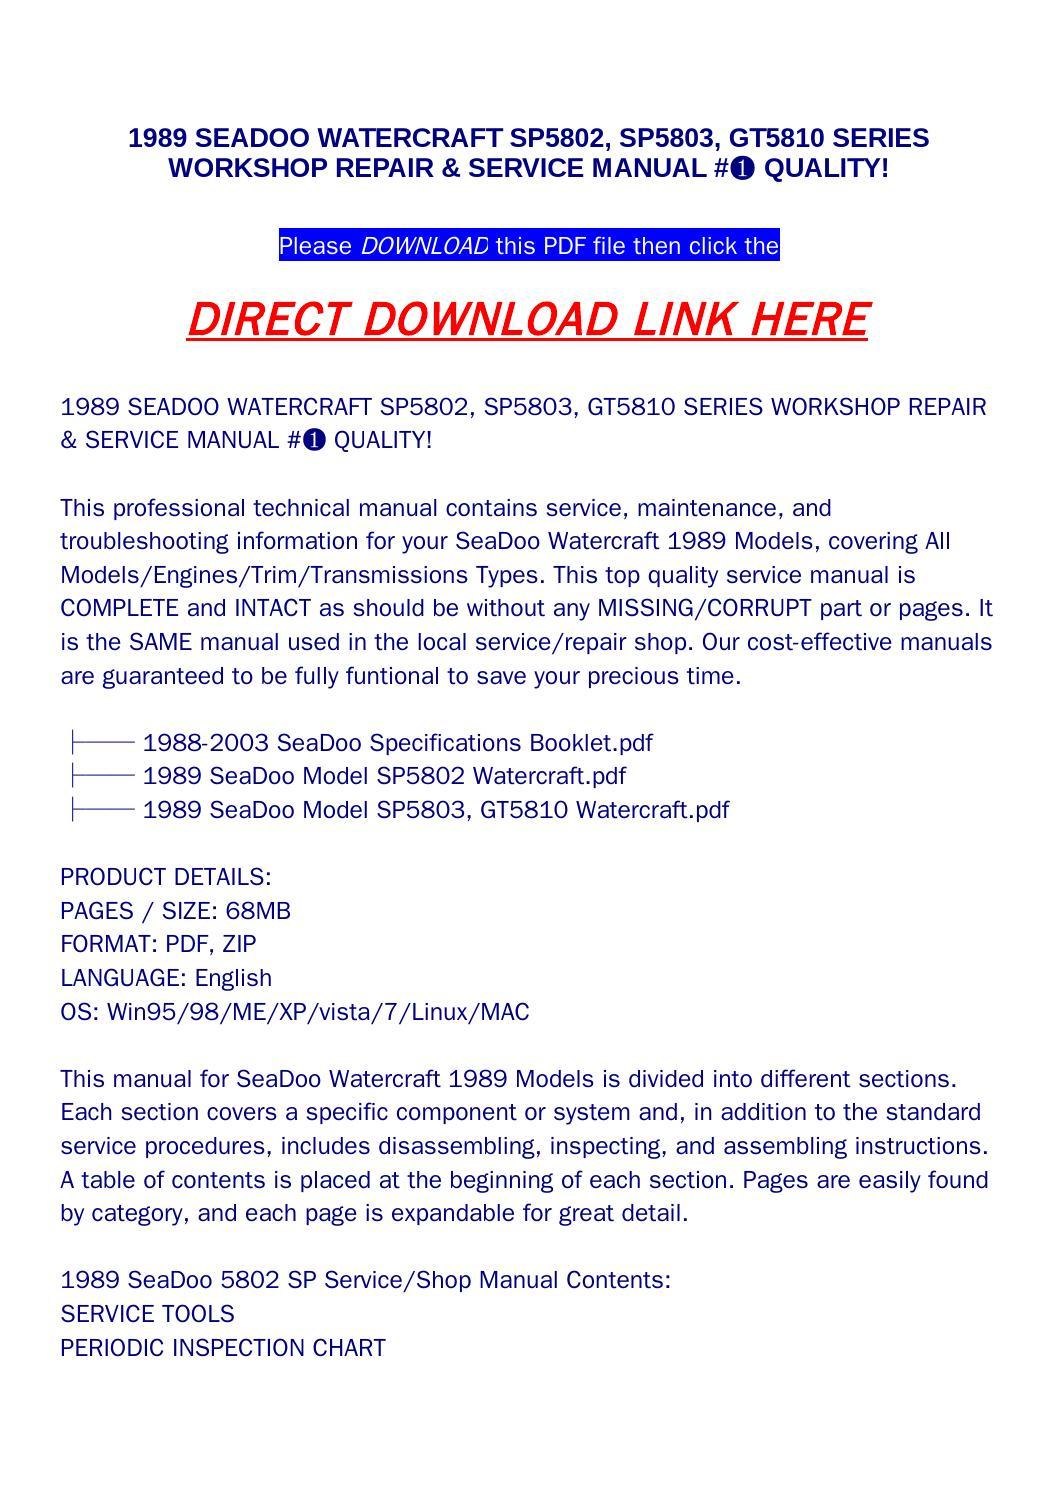 1989 seadoo watercraft sp5802, sp5803, gt5810 series workshop repair & service  manual #➀ quality! by Newton Below - issuu